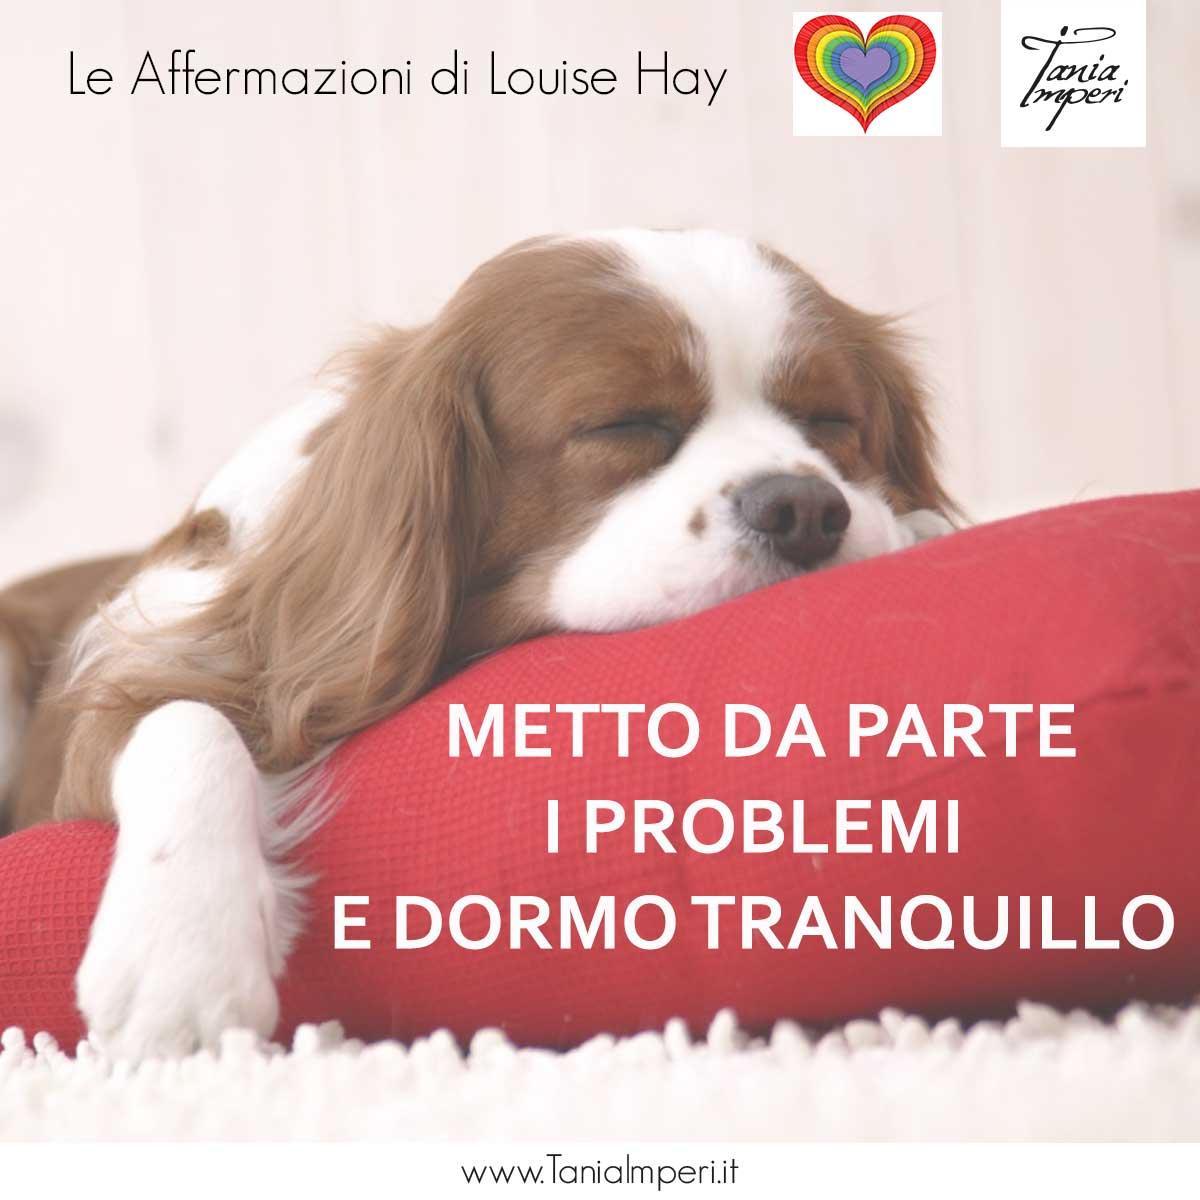 AFFERMAZIONI_LOUISE_HAY_TANIA_IMPERI_15_DORMO_TRANQUILLO-10APR2017